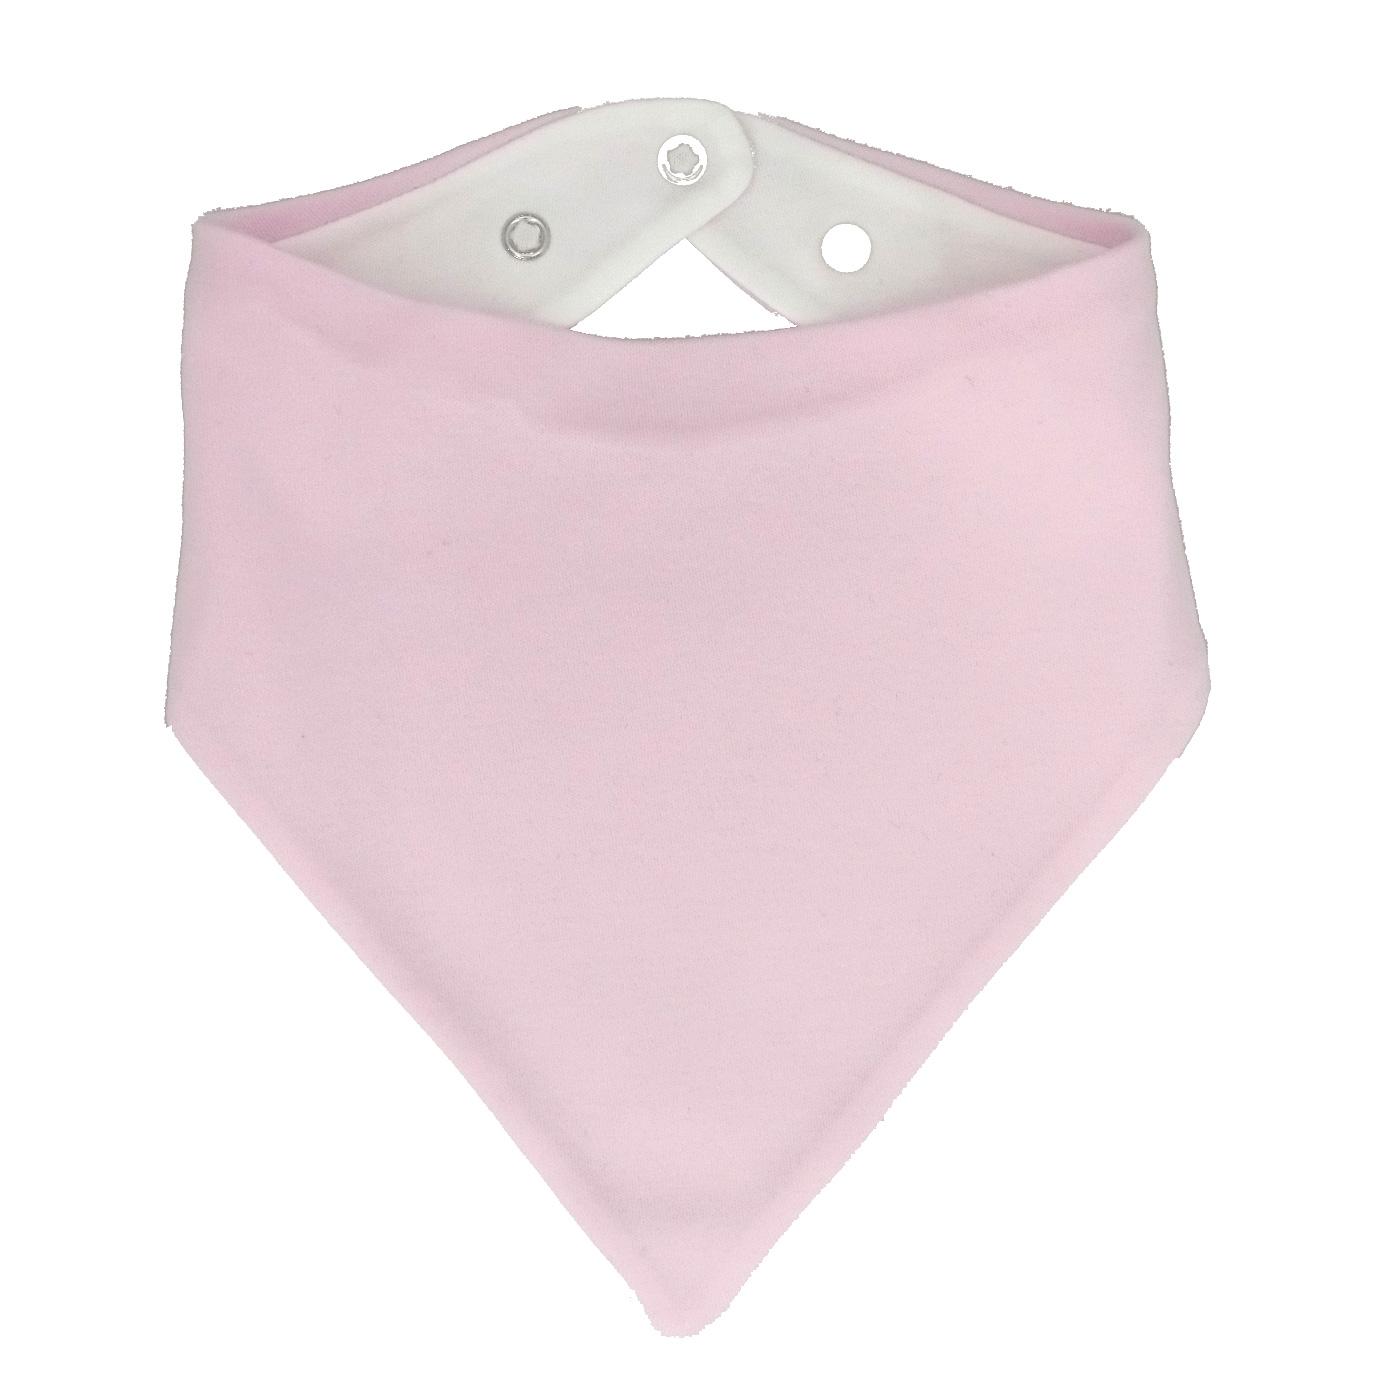 Drybib pink